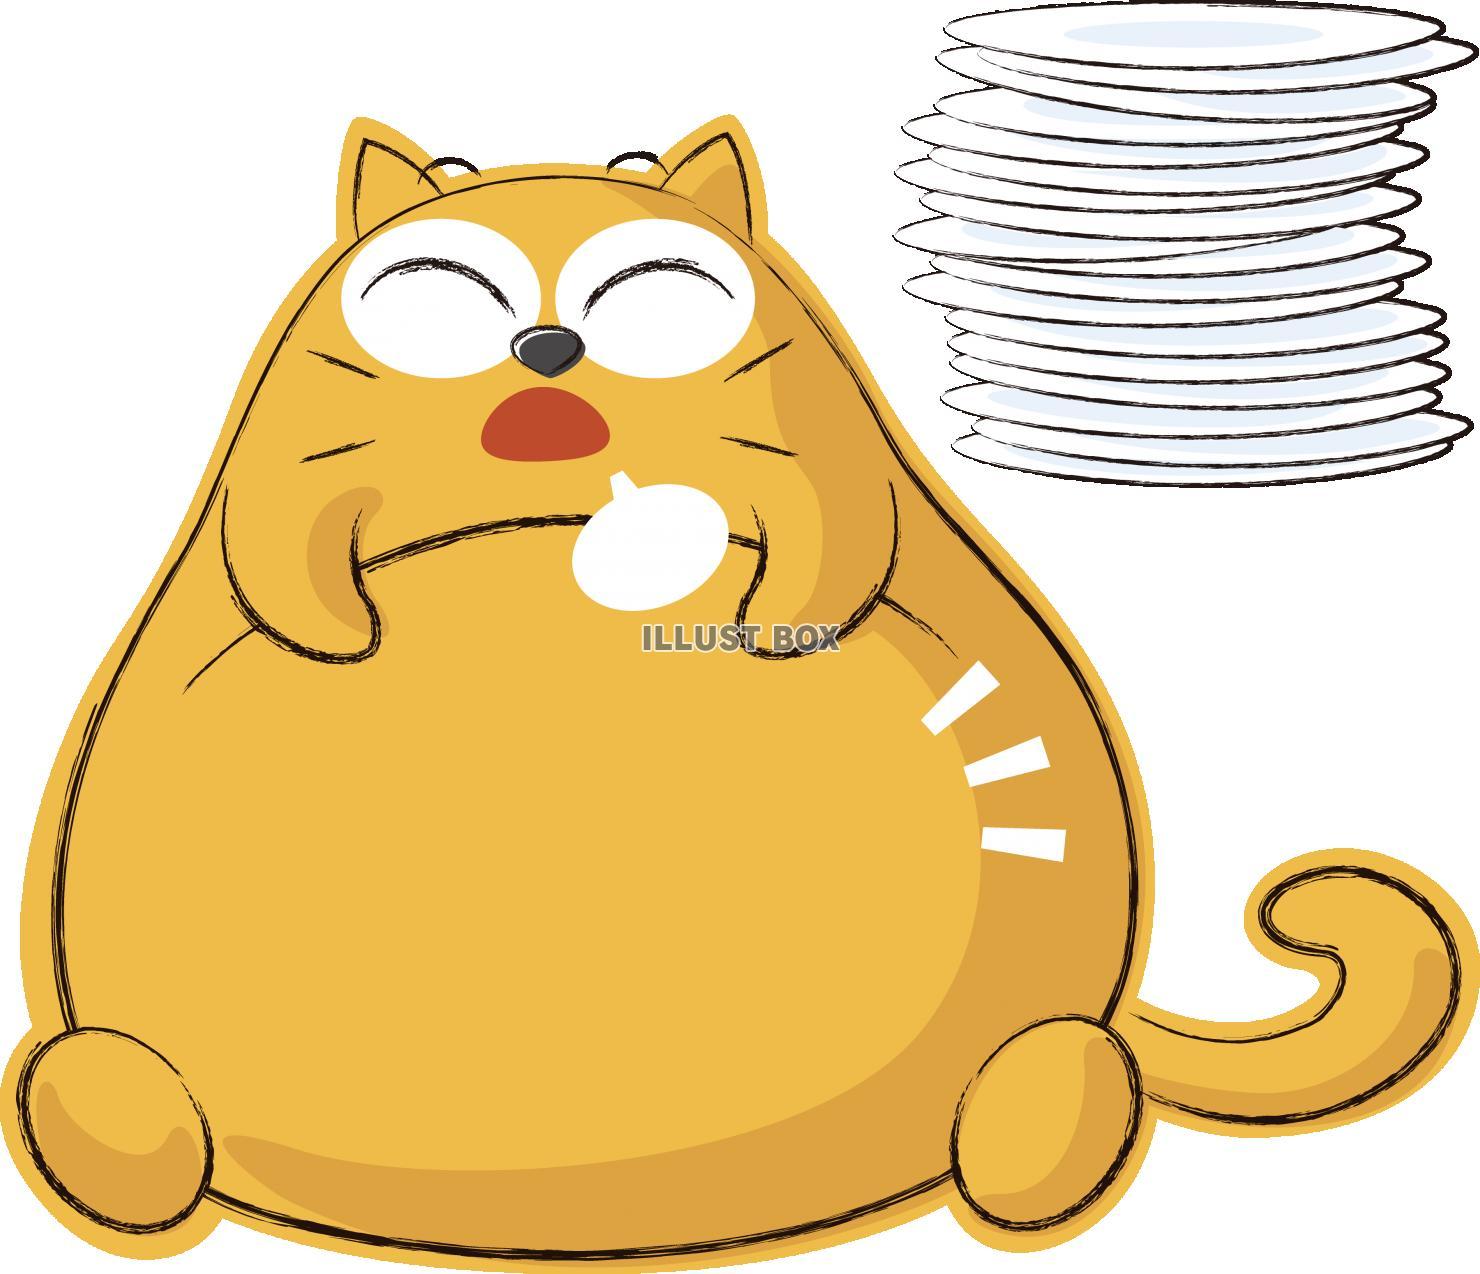 無料イラスト 可愛いネコ キャラクター 満腹